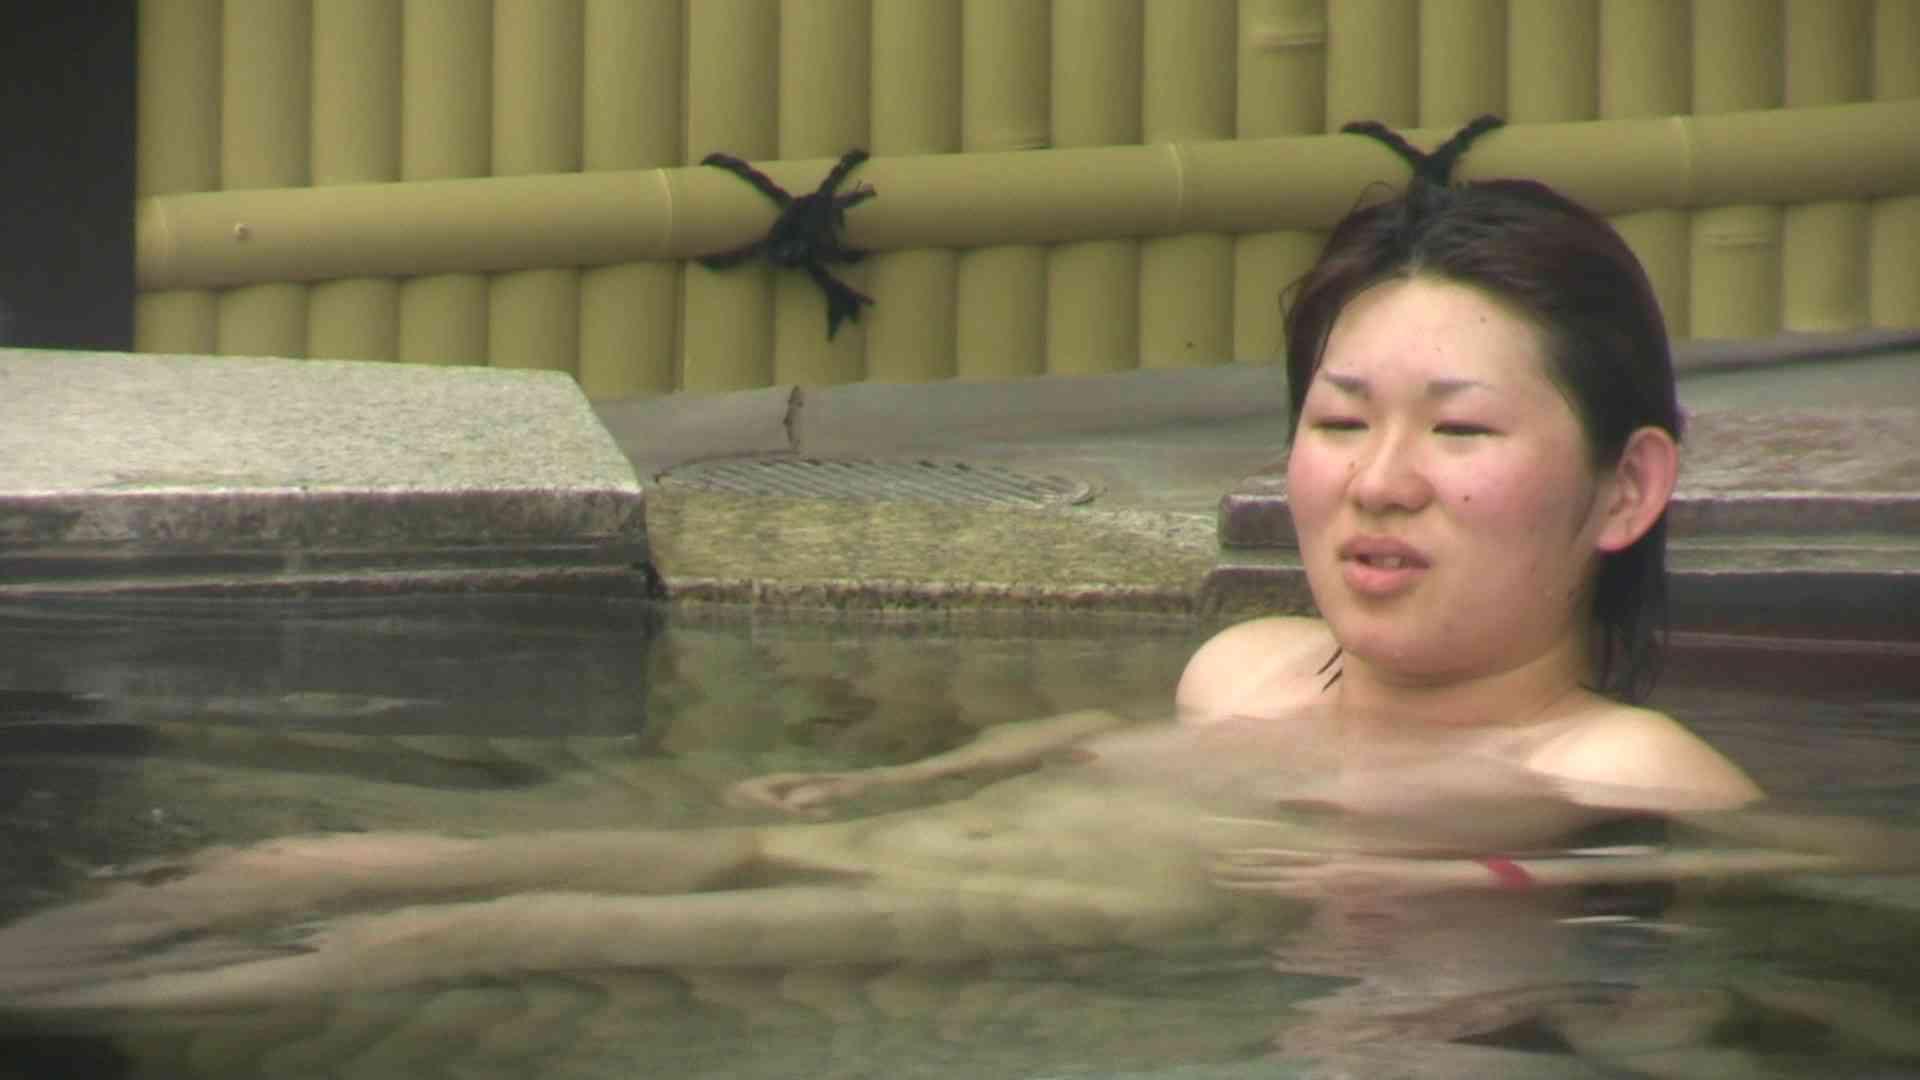 Aquaな露天風呂Vol.673 0   0  91pic 79